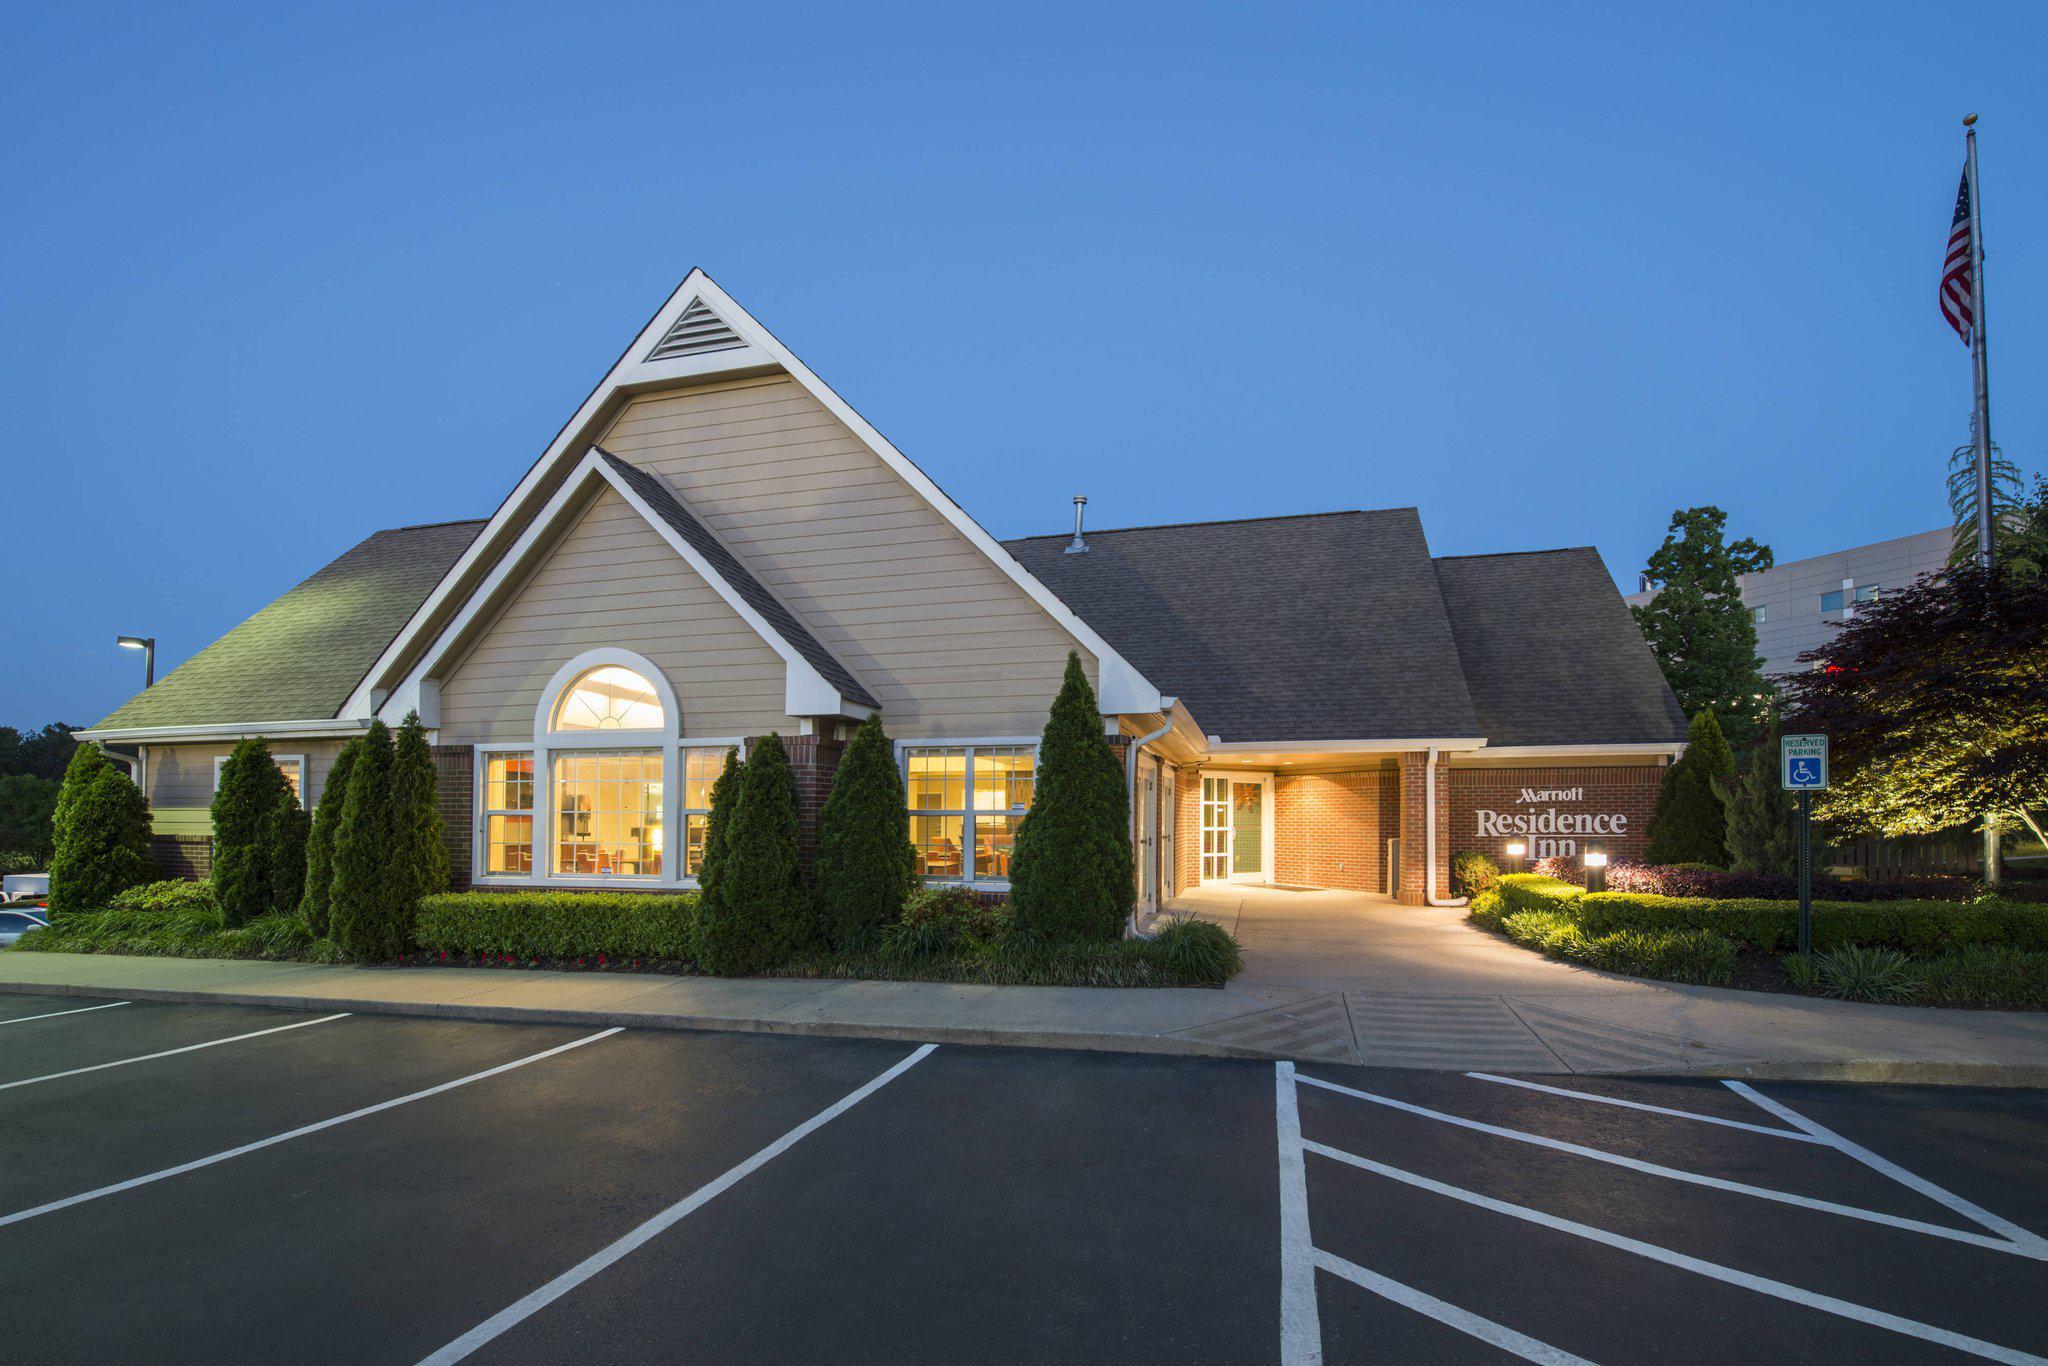 Residence Inn by Marriott Little Rock